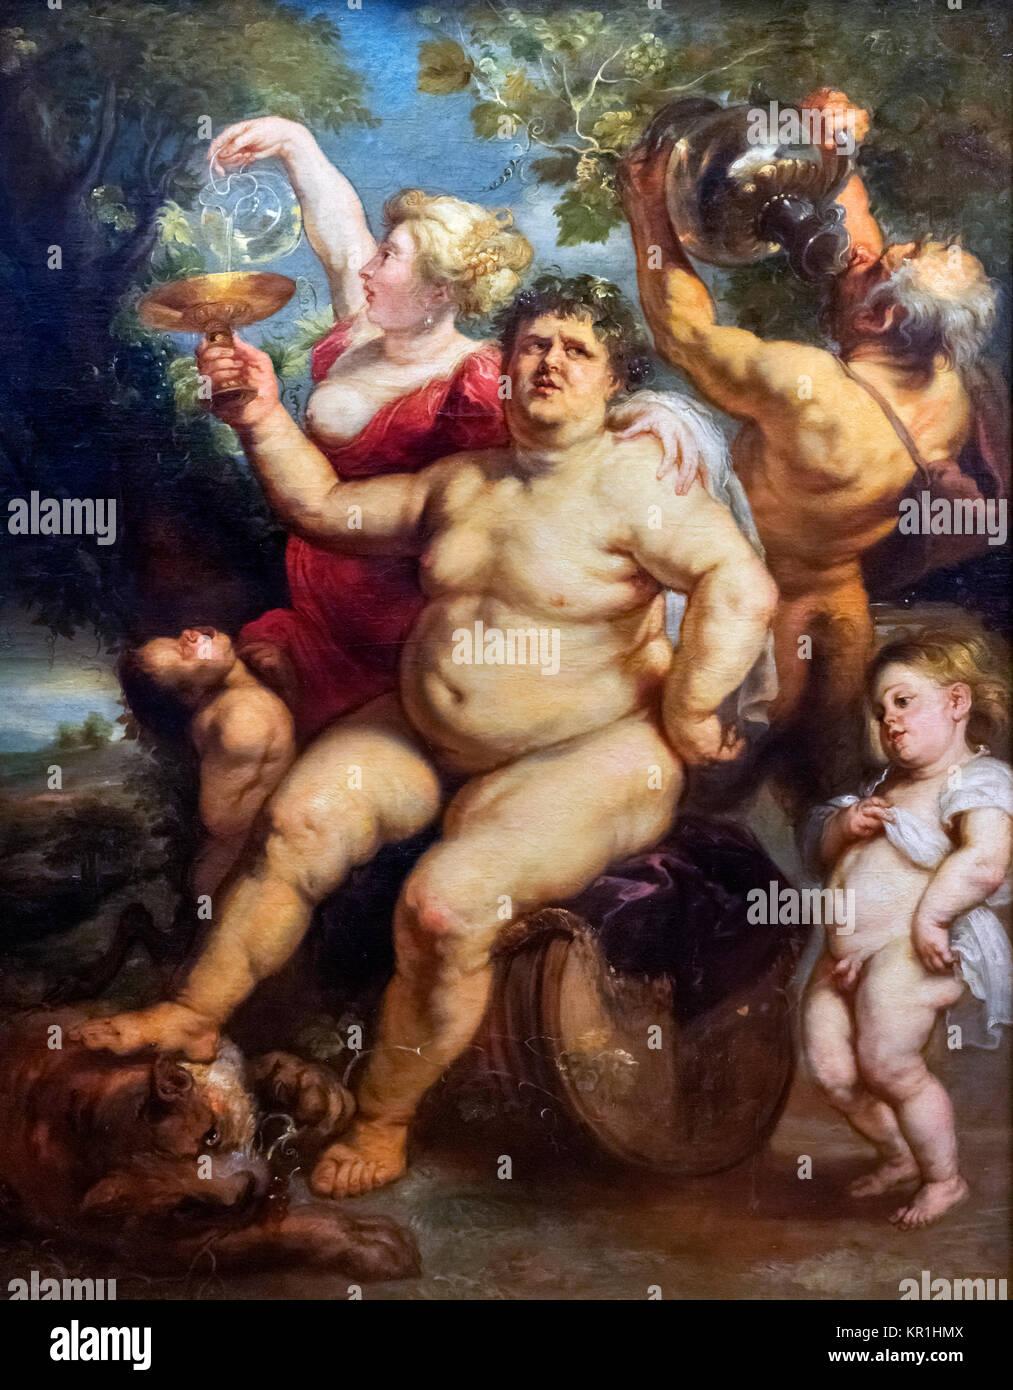 Bacchanalia von Peter Paul Rubens (1577-1640), Öl auf Leinwand, 1635-40. Das Gemälde zeigt (Bacchus oder Stockbild